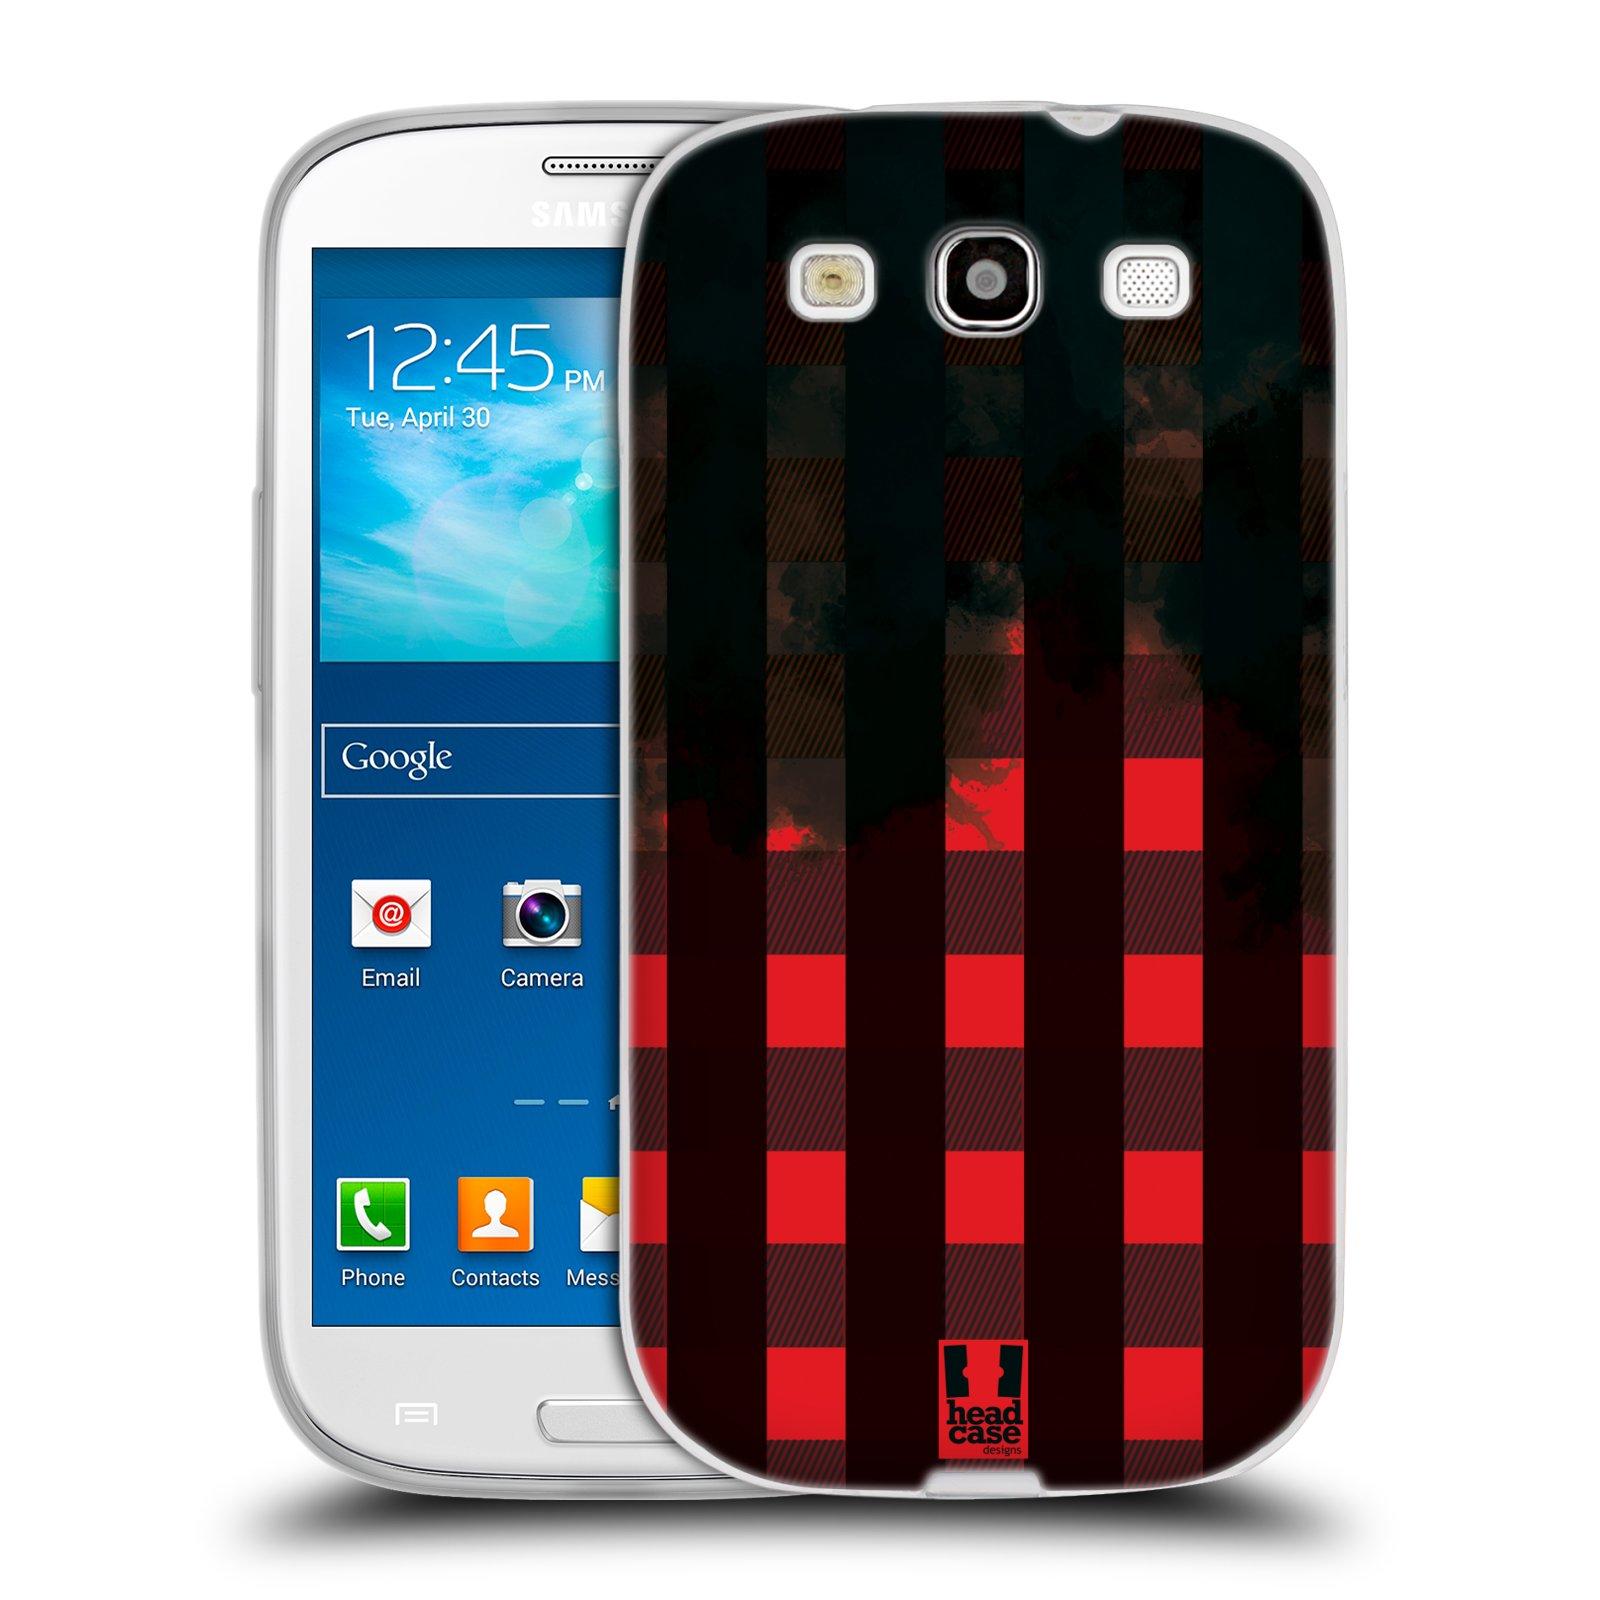 Silikonové pouzdro na mobil Samsung Galaxy S III HEAD CASE FLANEL RED BLACK (Silikonový kryt či obal na mobilní telefon Samsung Galaxy S III GT-i9300)